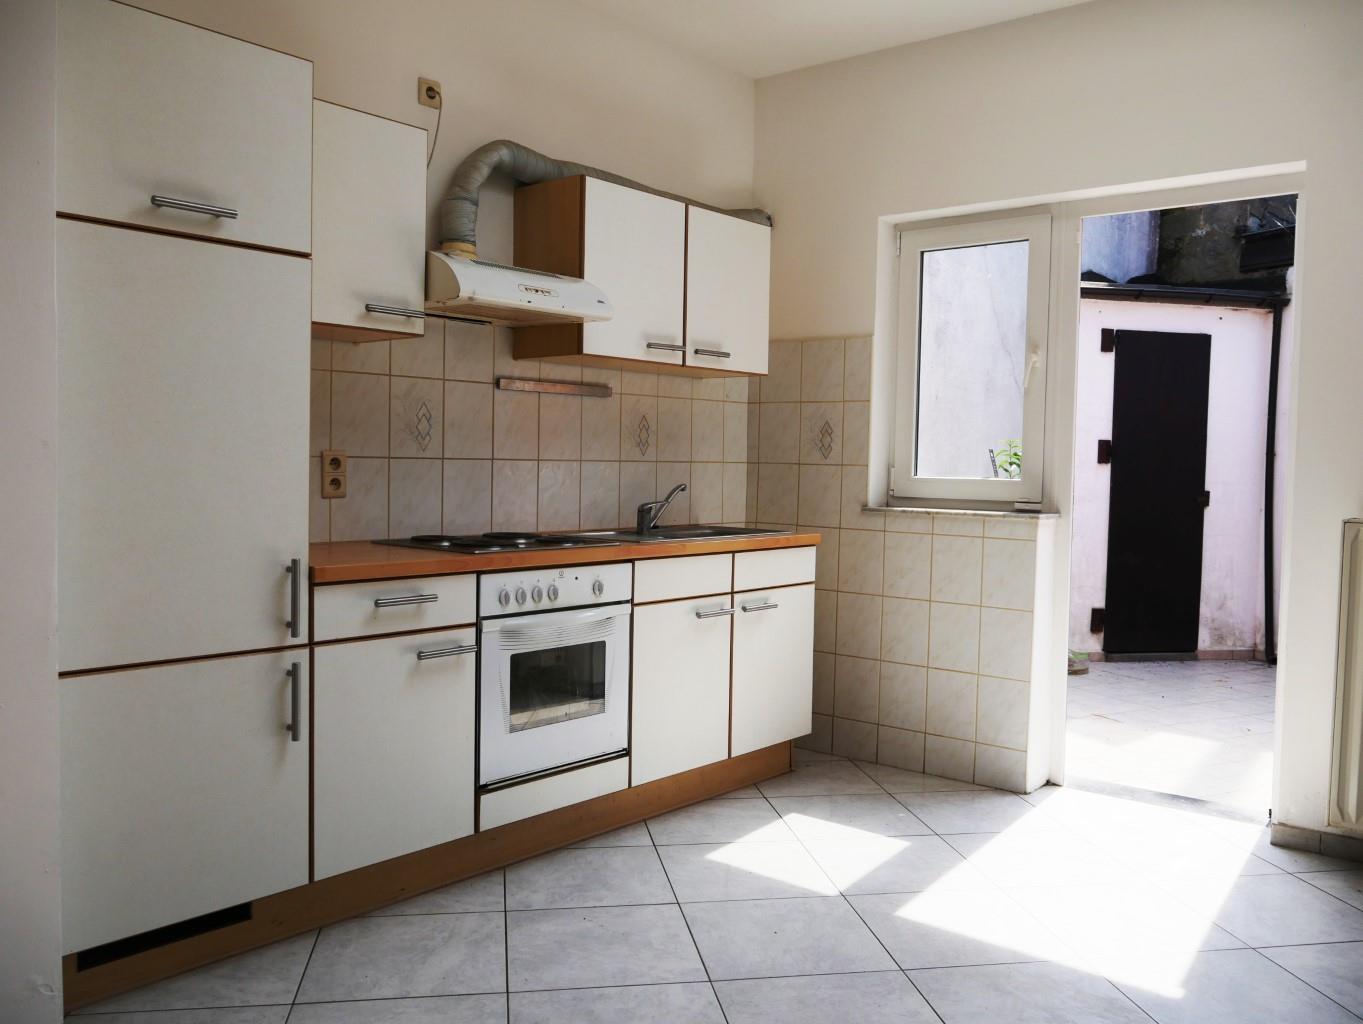 Maison - Tubize Clabecq - #3452075-3